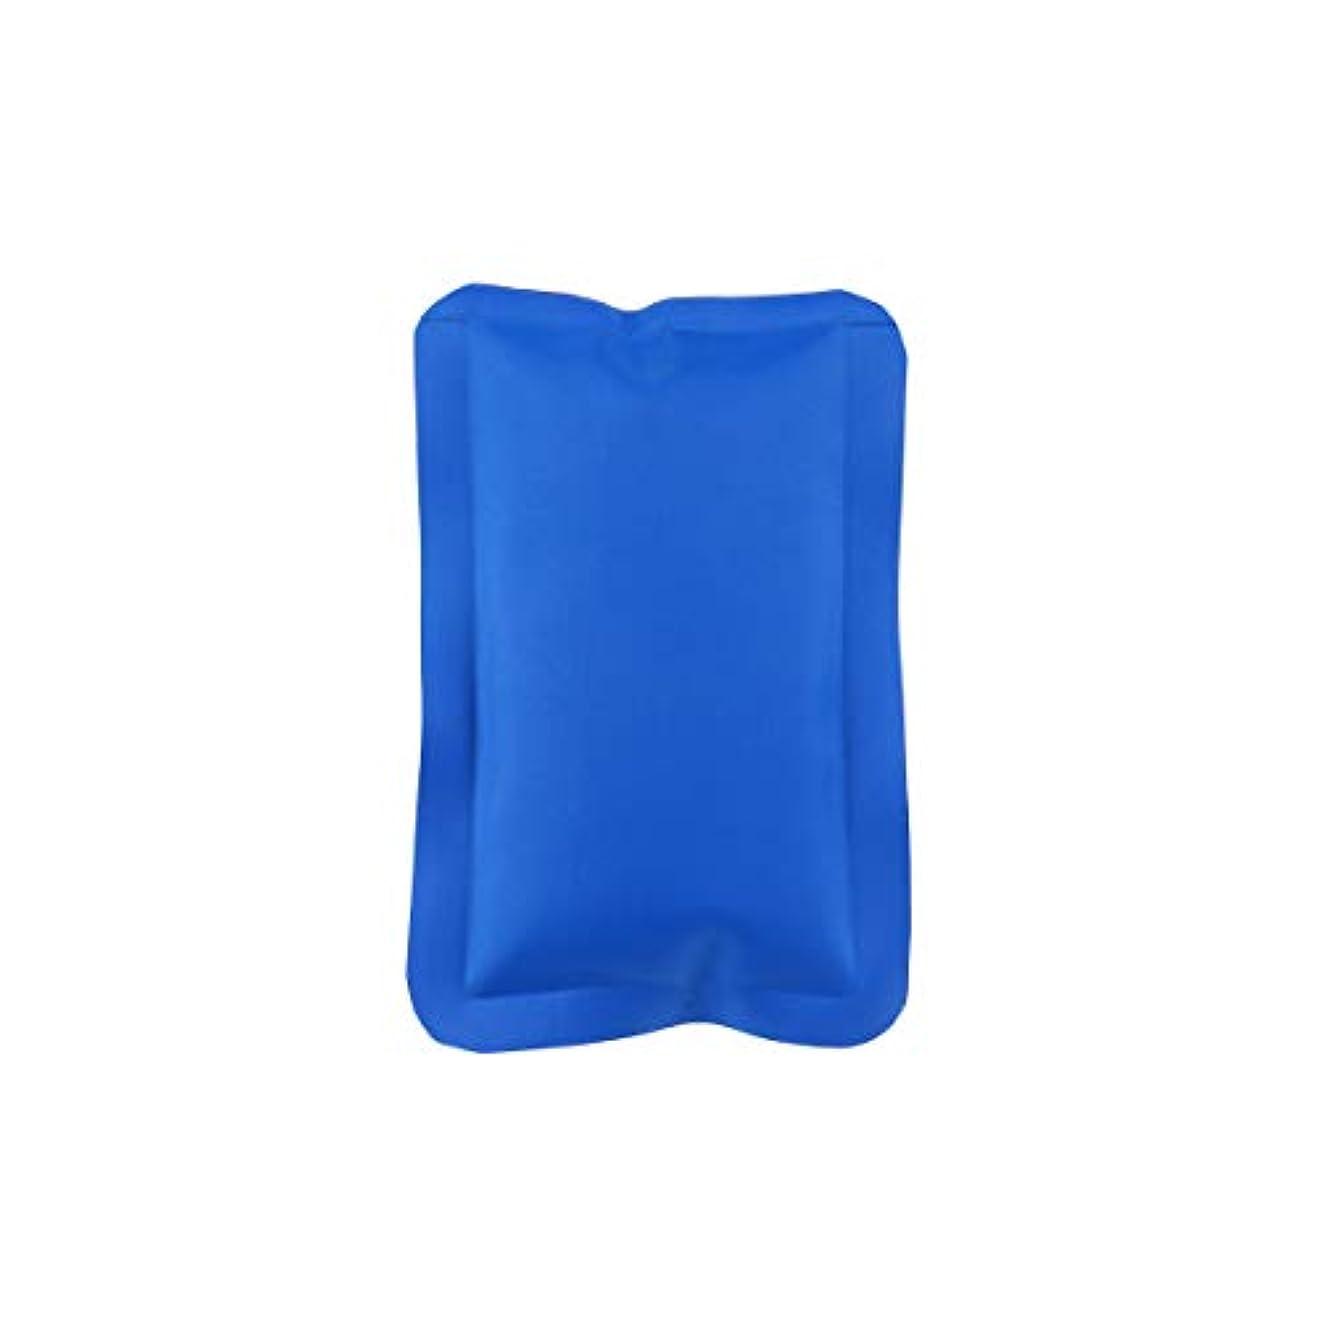 著名なできない落花生HEALLILY 150ML再利用可能なホット&コールドジェルパック(コンプレッションラップスポーツ傷害)ジェルアイスパック多目的ヒートパック(マッスルリリーフ用、16x10x1cm、ブルー)